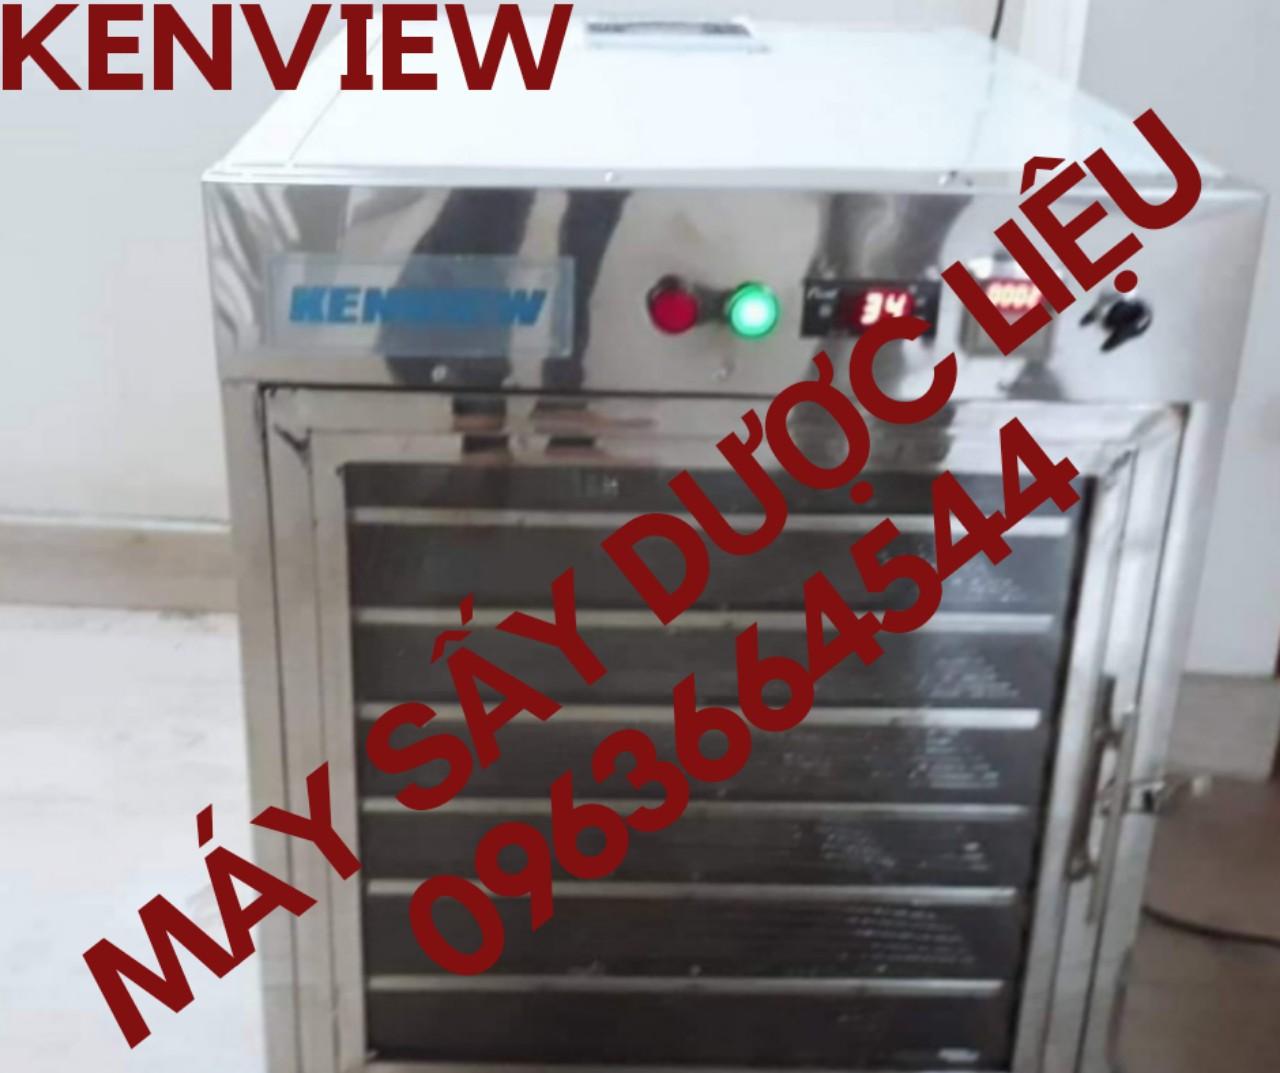 Cung cấp máy sấy khô dược liệu Quận Bình Thạnh TPHCM